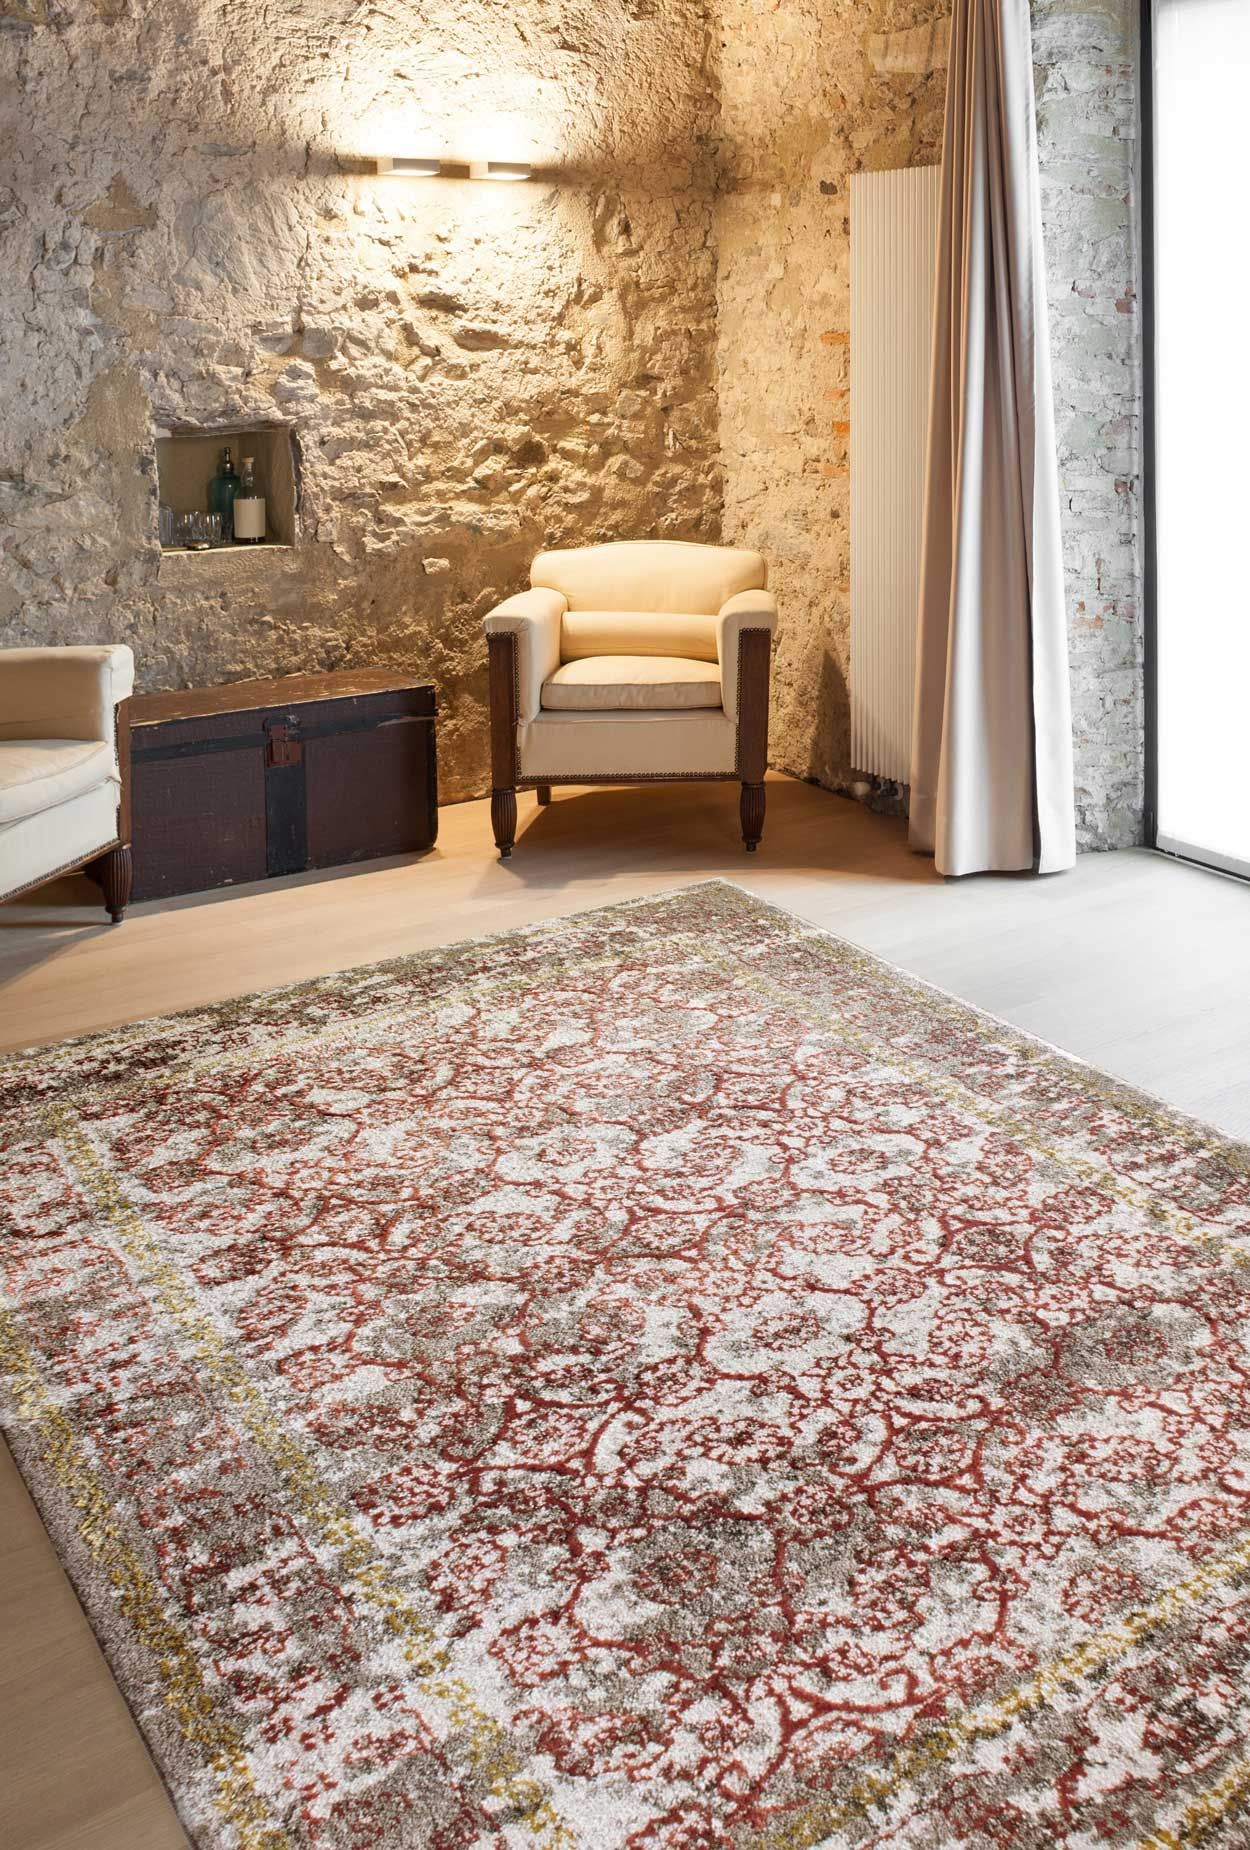 Moderne Teppiche Für Wohnzimmer   Zara Kollektion   Gelb, Beige, Rot    Myneshome.